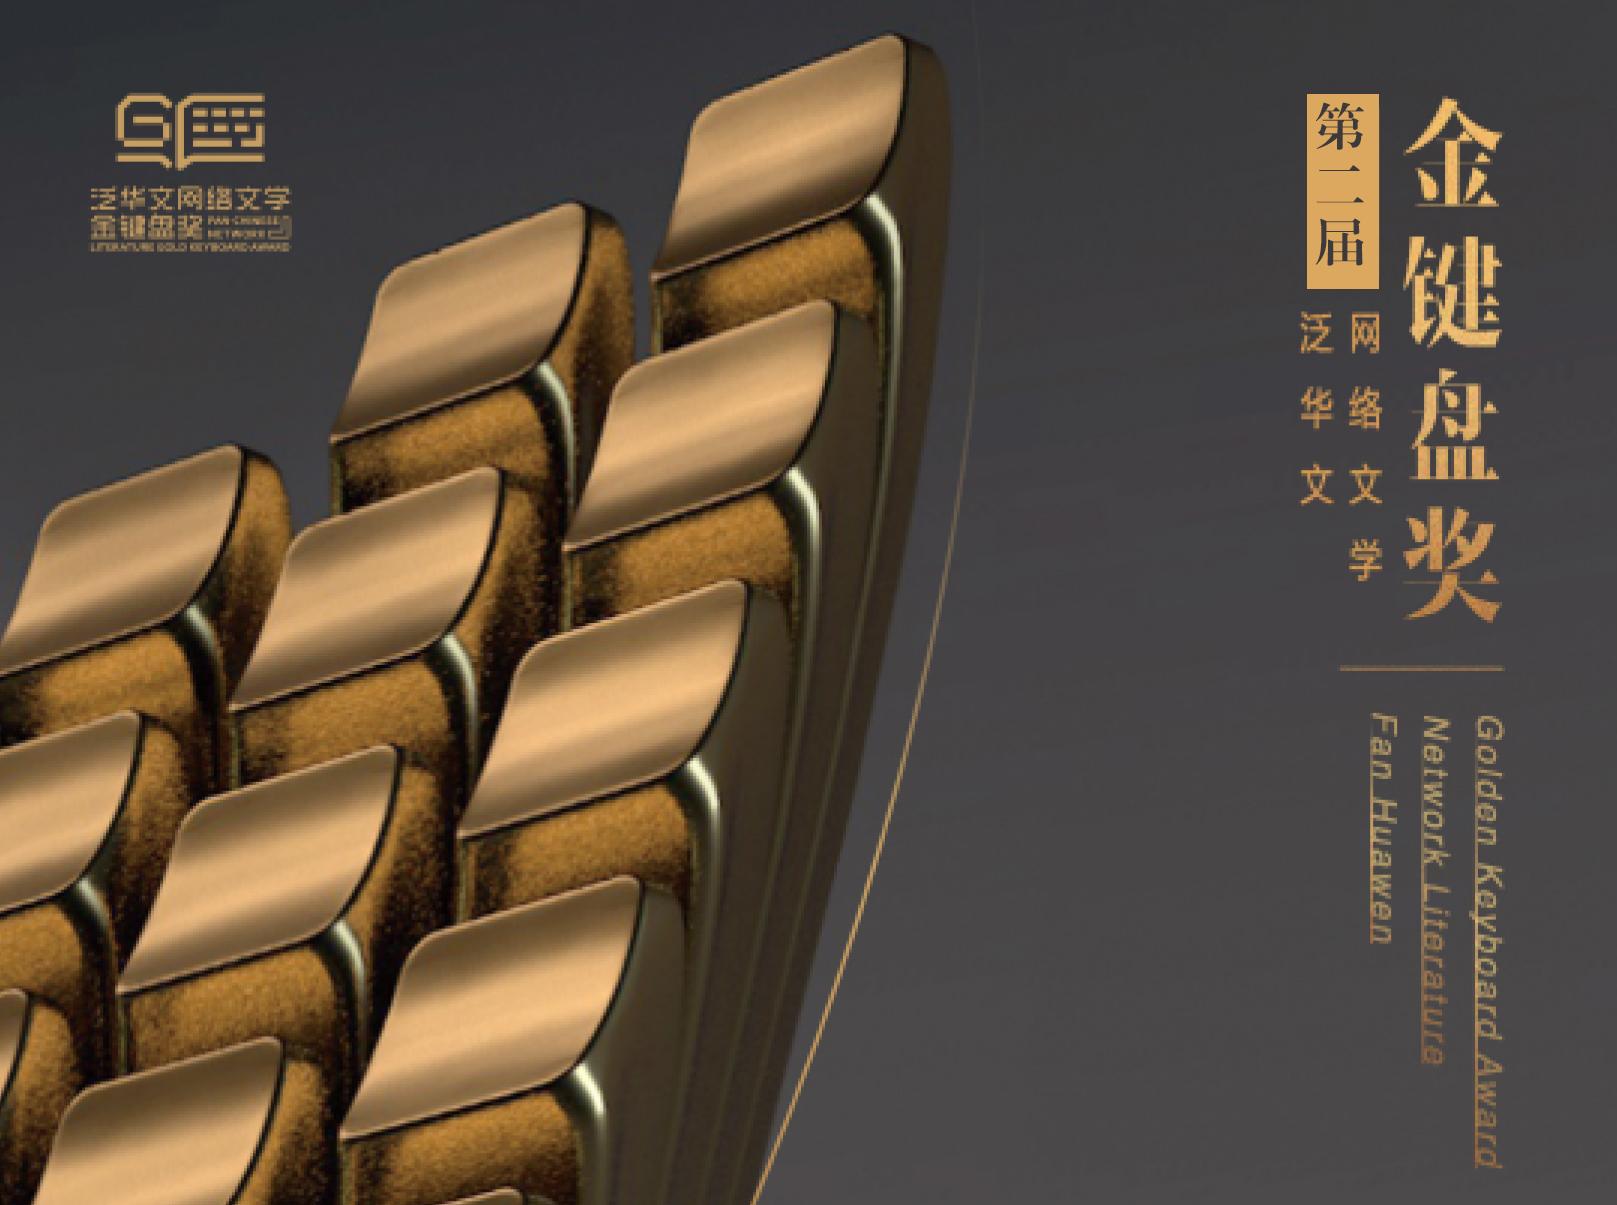 """第二屆泛華文網絡文學""""金鍵盤""""獎評獎公告"""